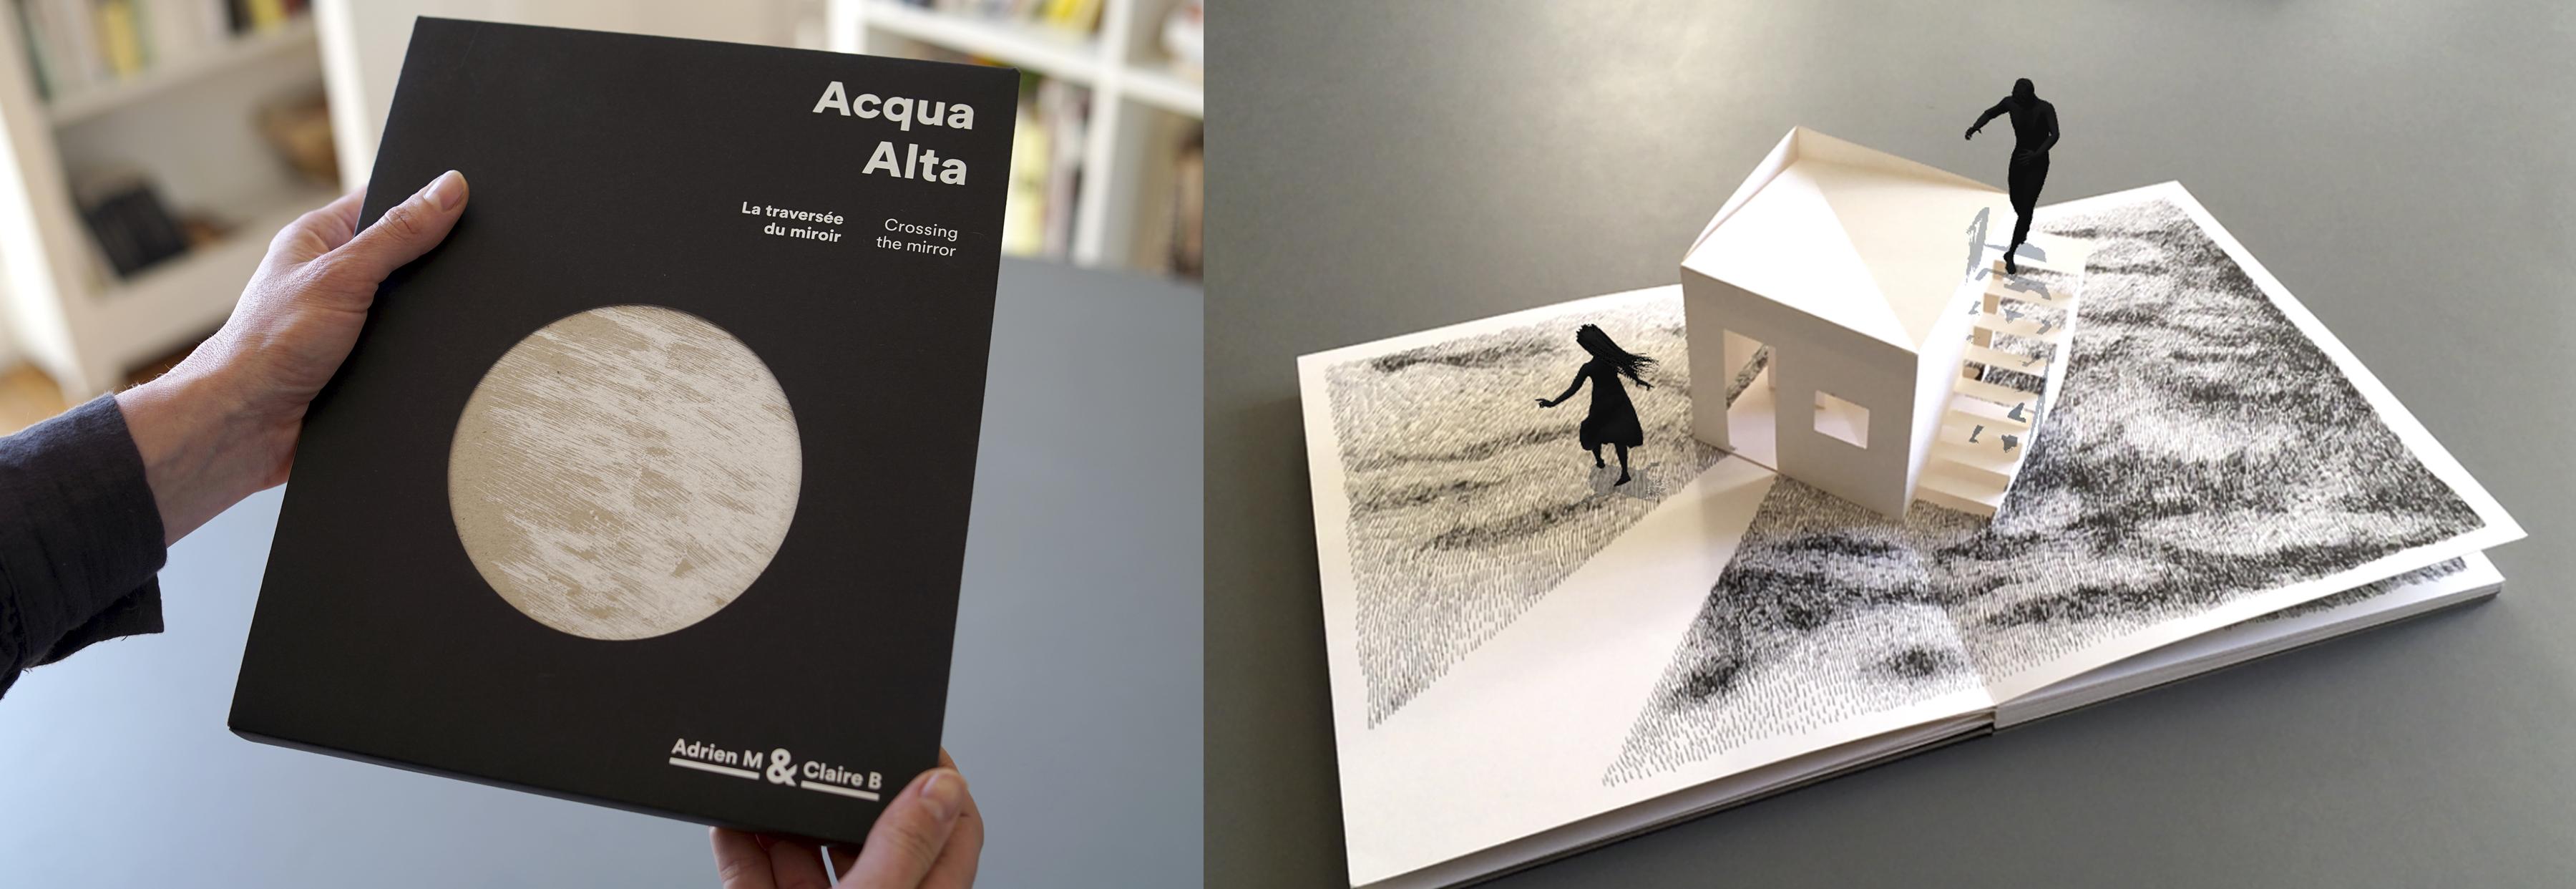 Adrien M & Claire B / Acqua Alta - La traversée du miroir